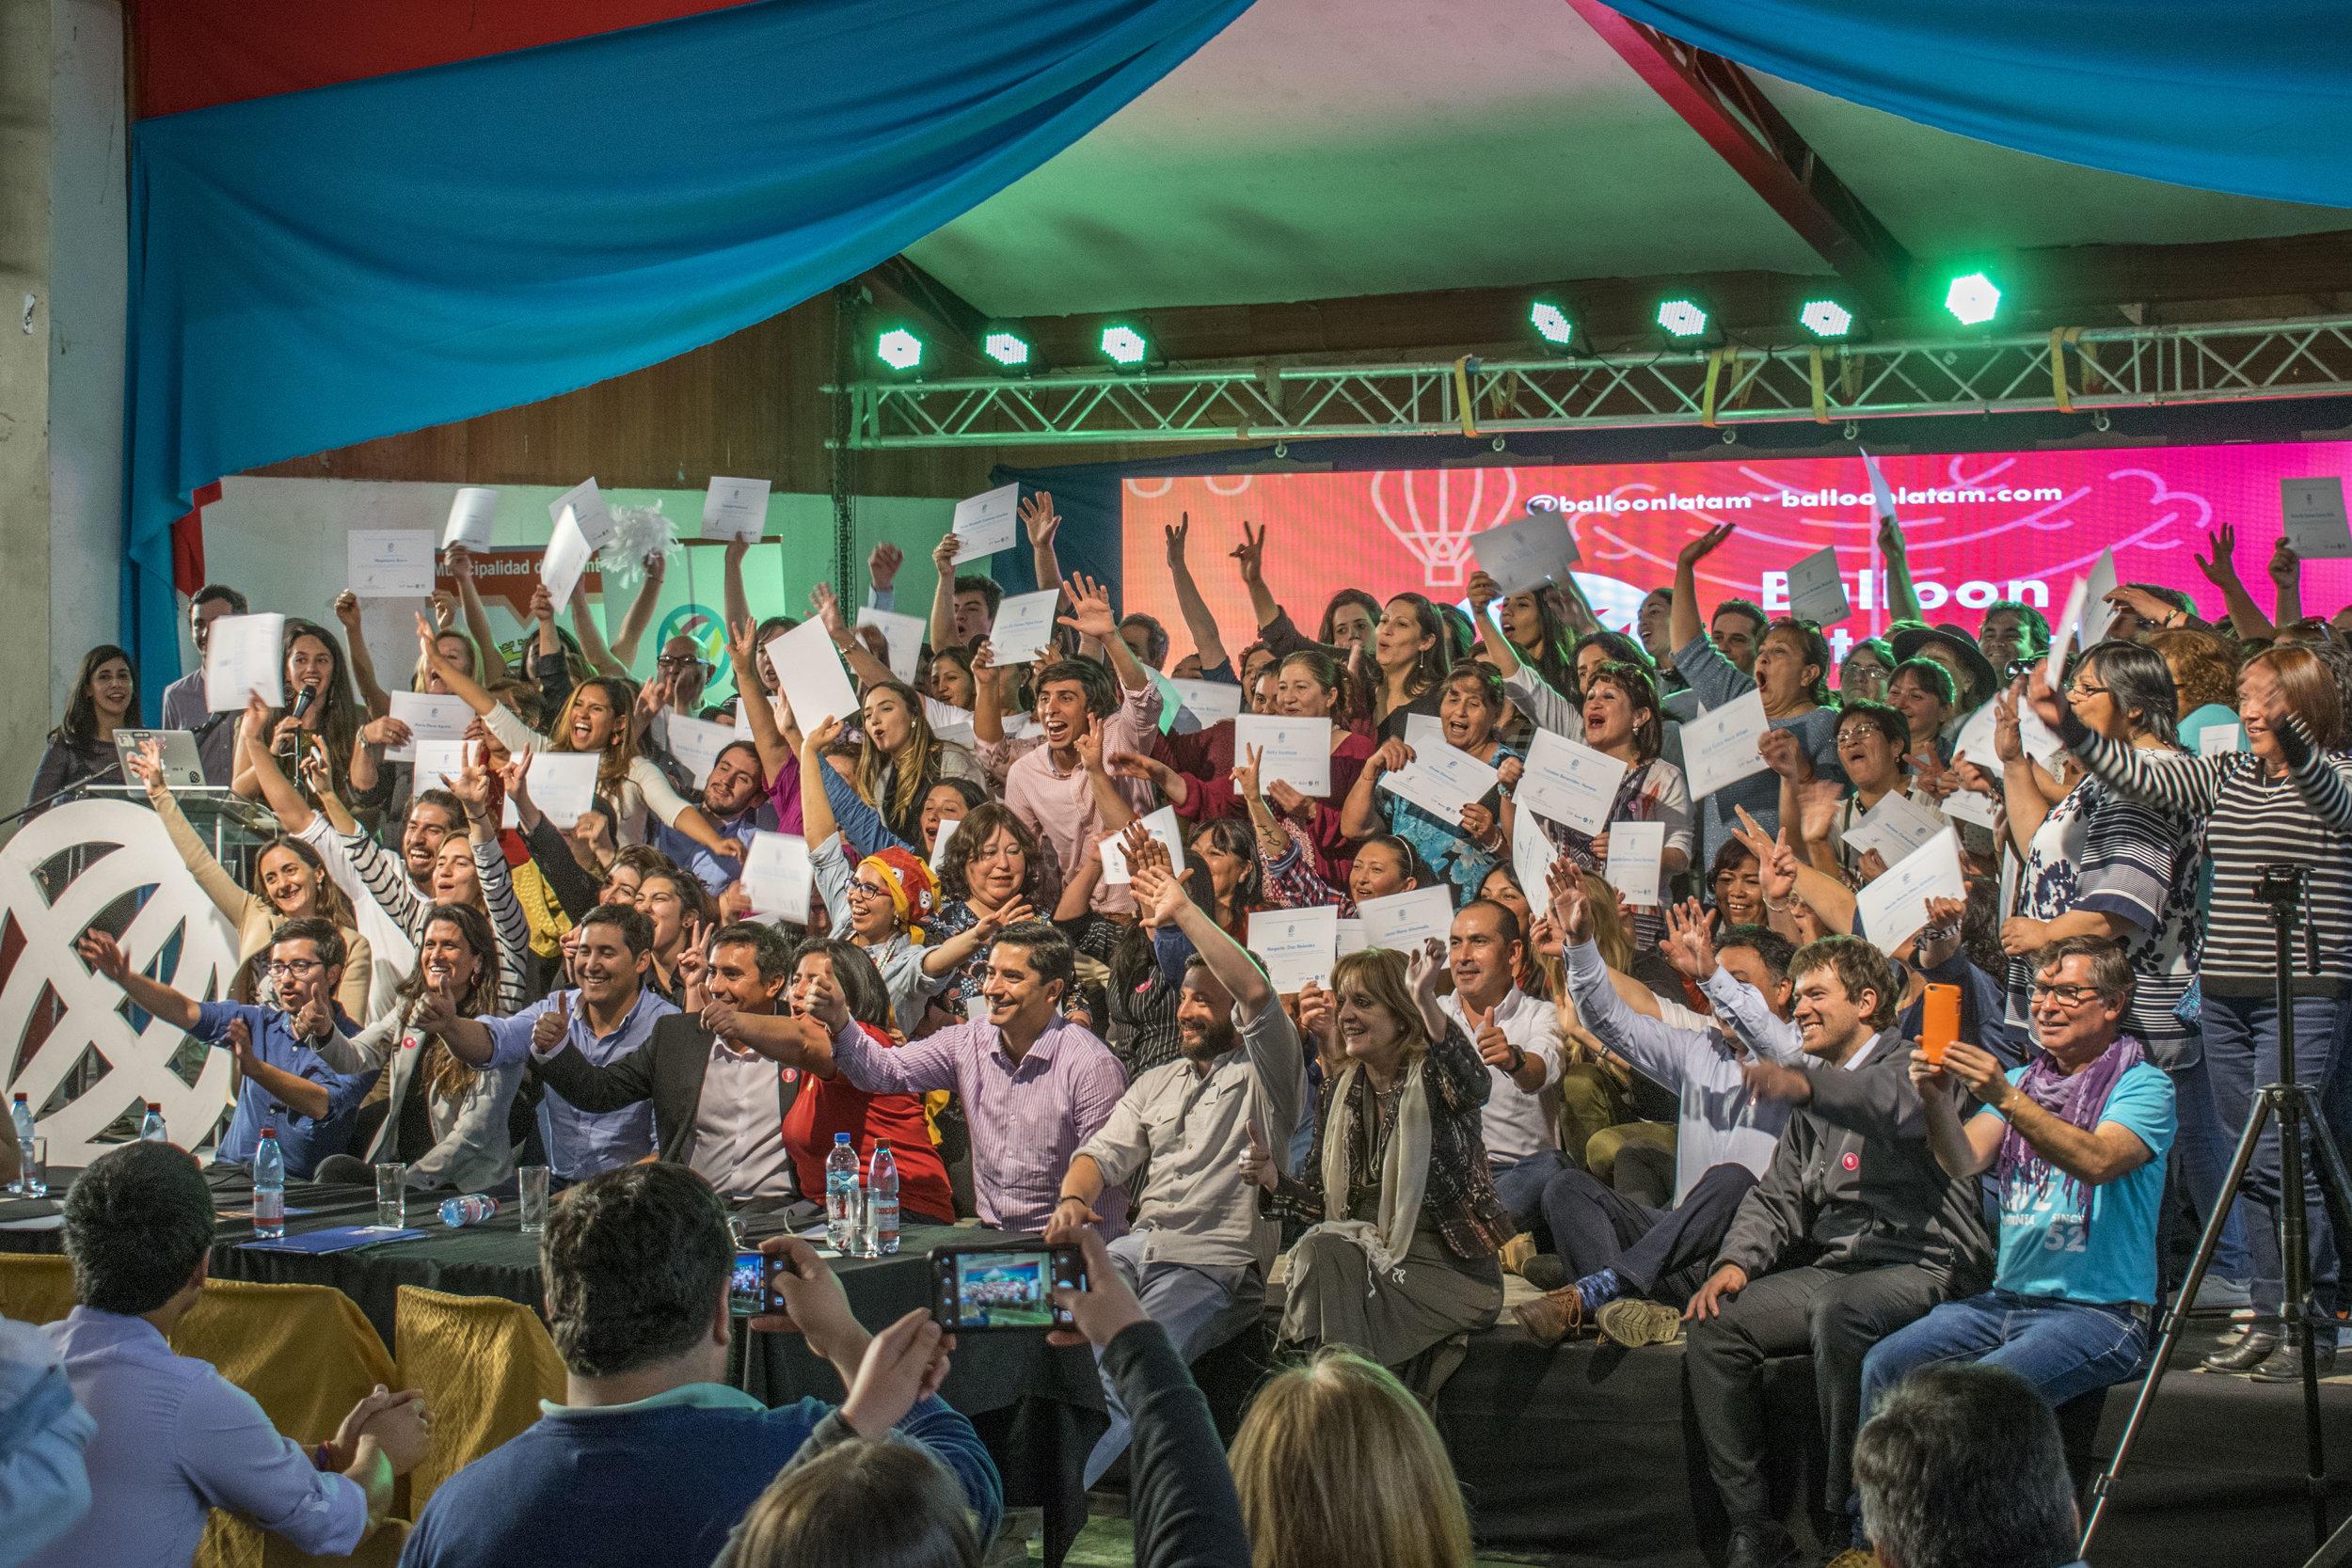 Emprendedores, Fellows, autoridades y equipo Balloon, reunidos en el escenario para la foto final.